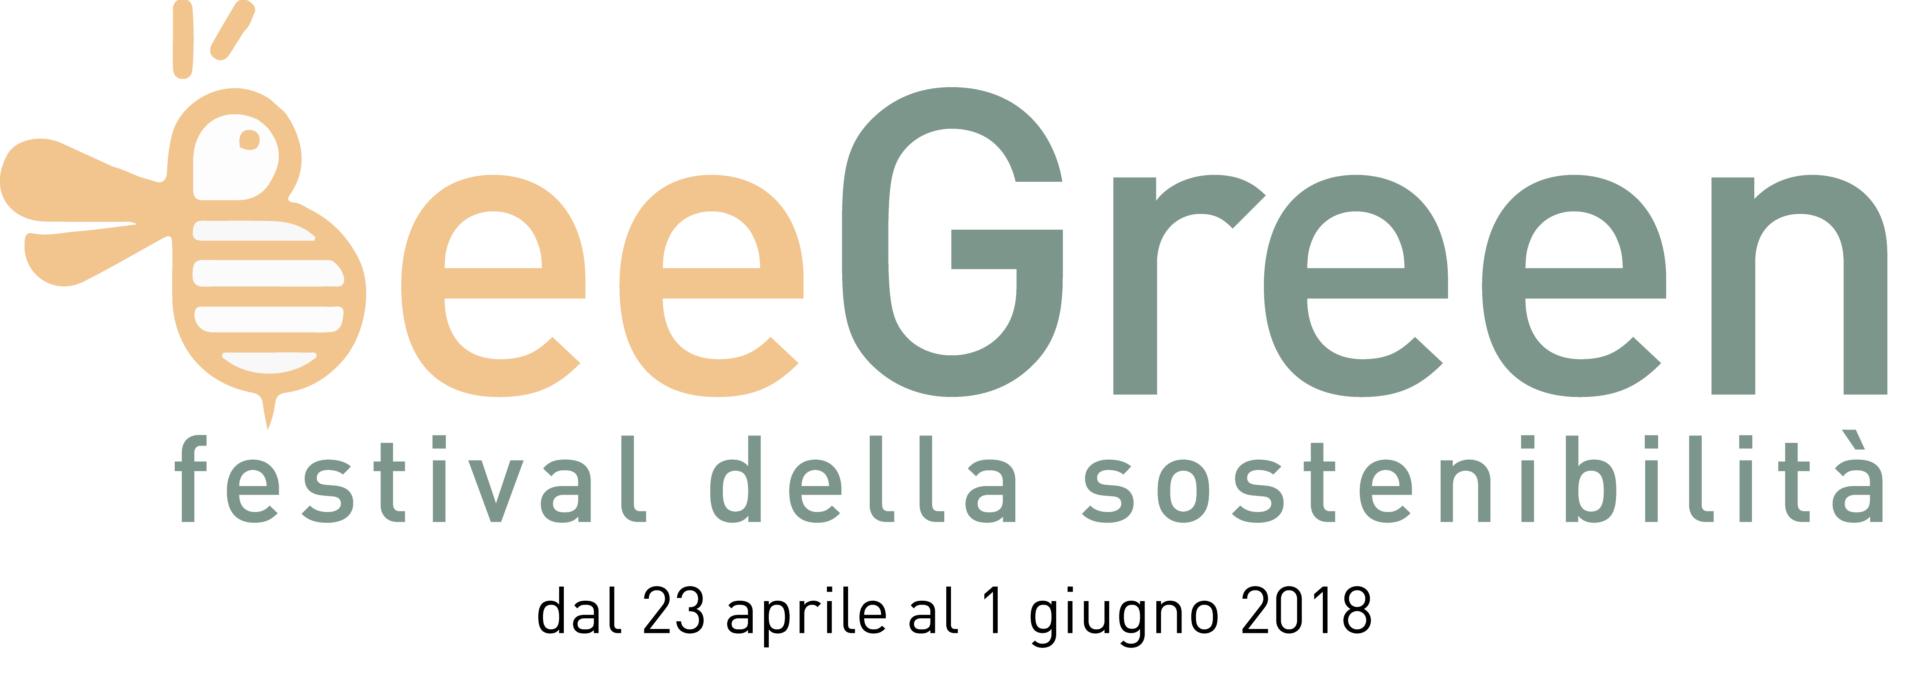 BeeGreen - Festival della sostenibilità - INQUBATORE QULTURALE ca502e229c0